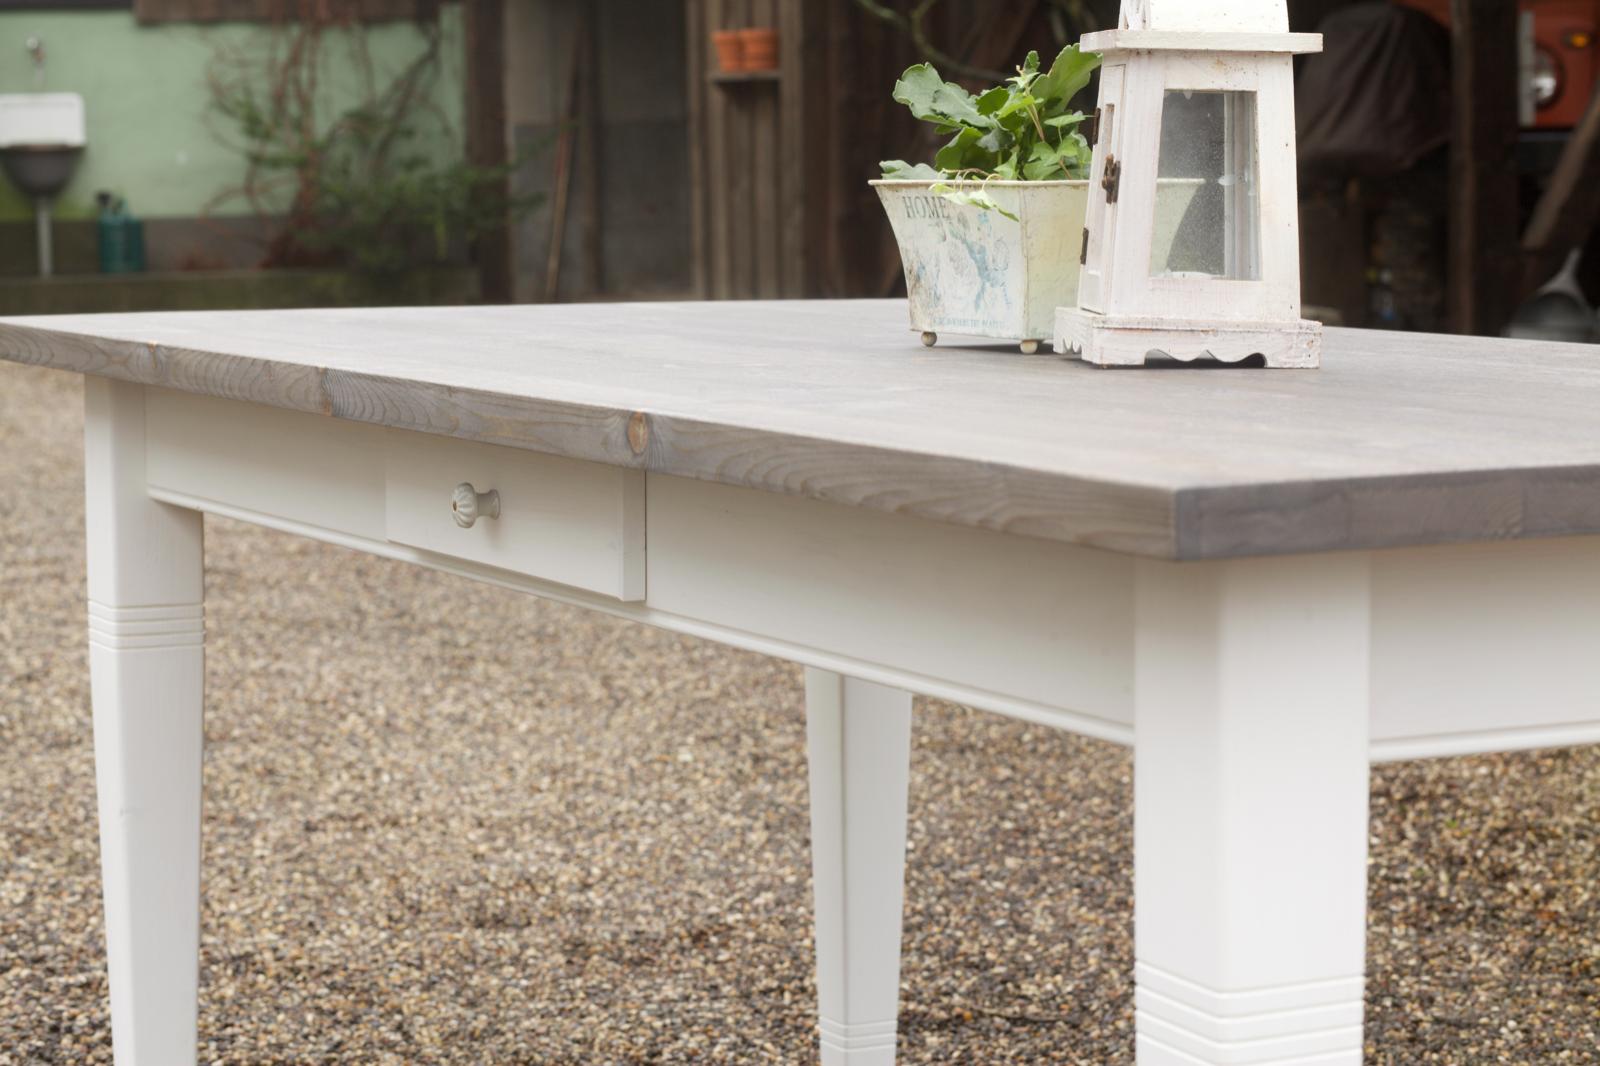 Faszinierend Esstisch Massivholz Weiß Galerie Von 1 Von 6 Tisch Esszimmer 150 Cm